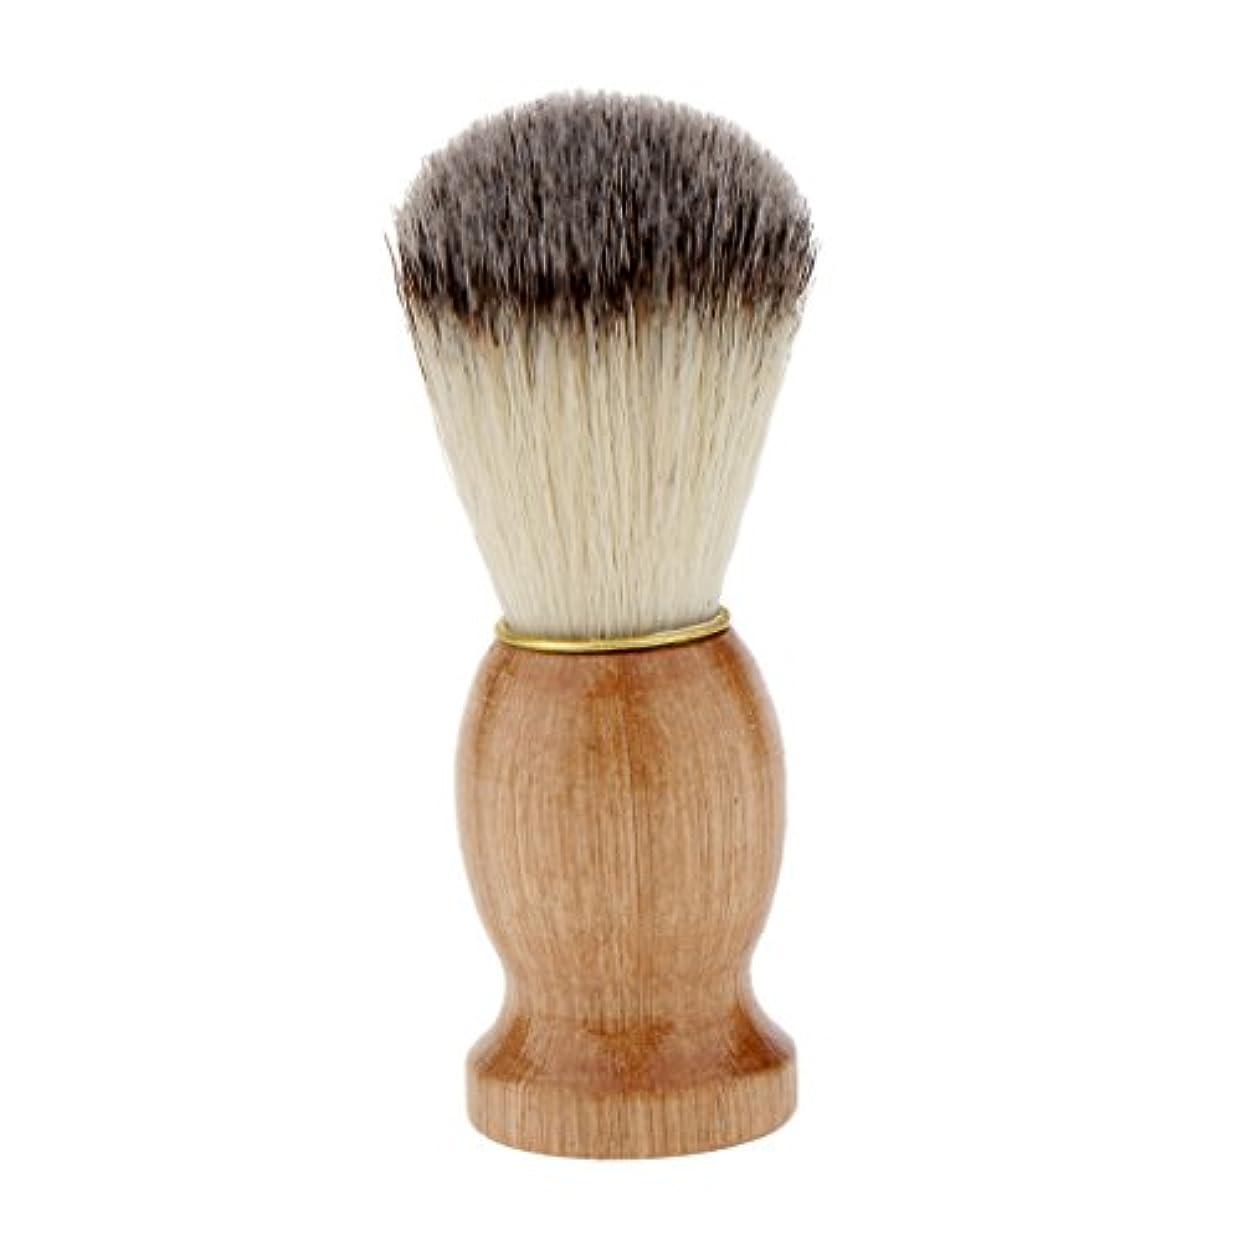 カリキュラム窒素ラップトップ男性ギフト剃毛シェービングブラシプロ理髪店サロン剛毛ブラシウッドハンドルダストクリーニングツール